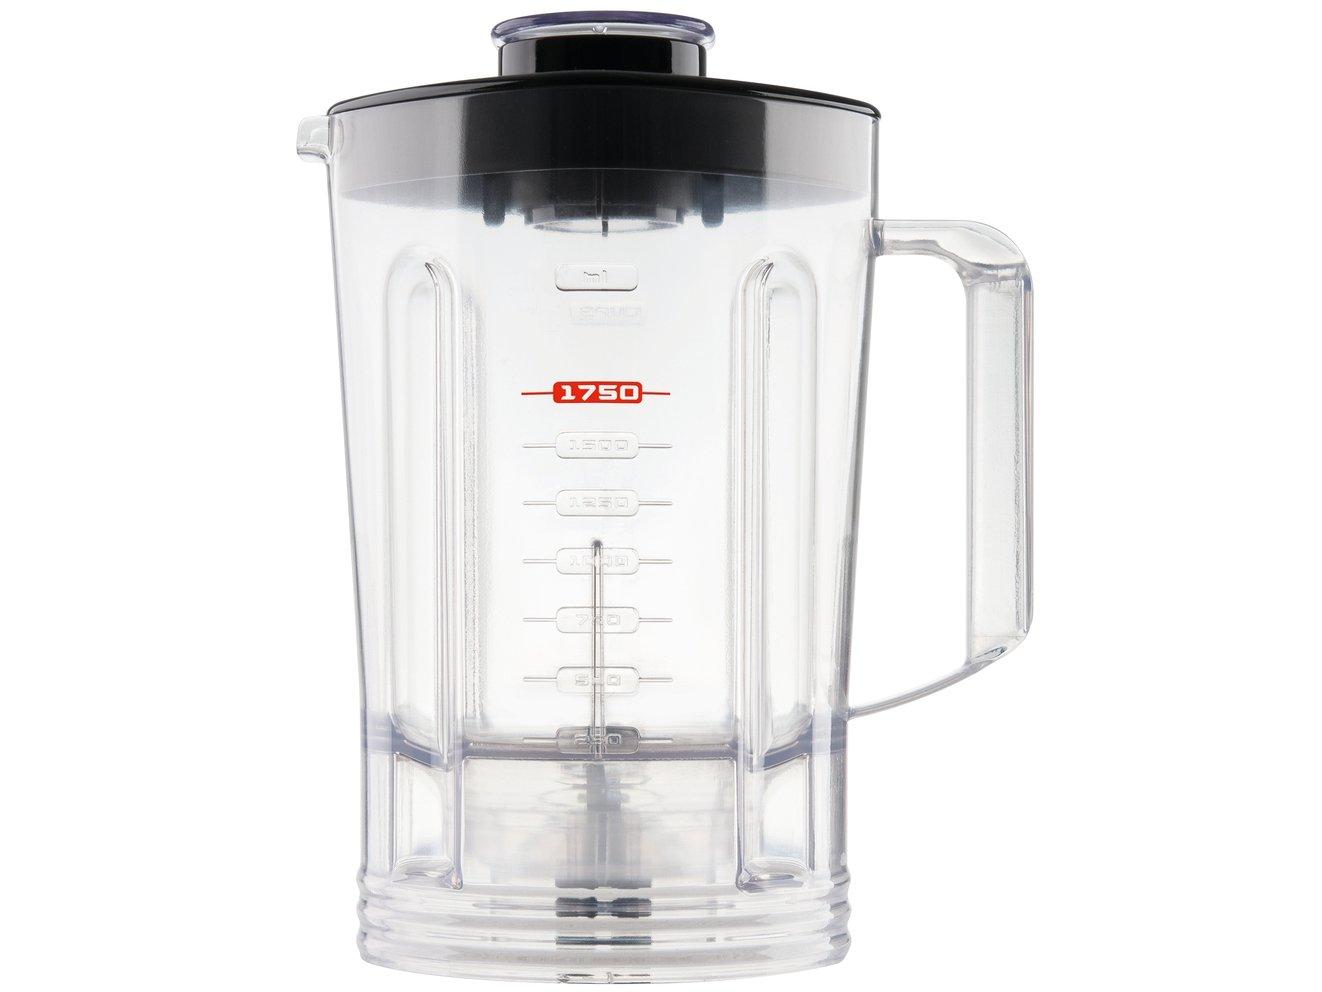 Liquidificador Arno Power Max LN55 15 Velocidades 1000W – Preto - 110V - 12